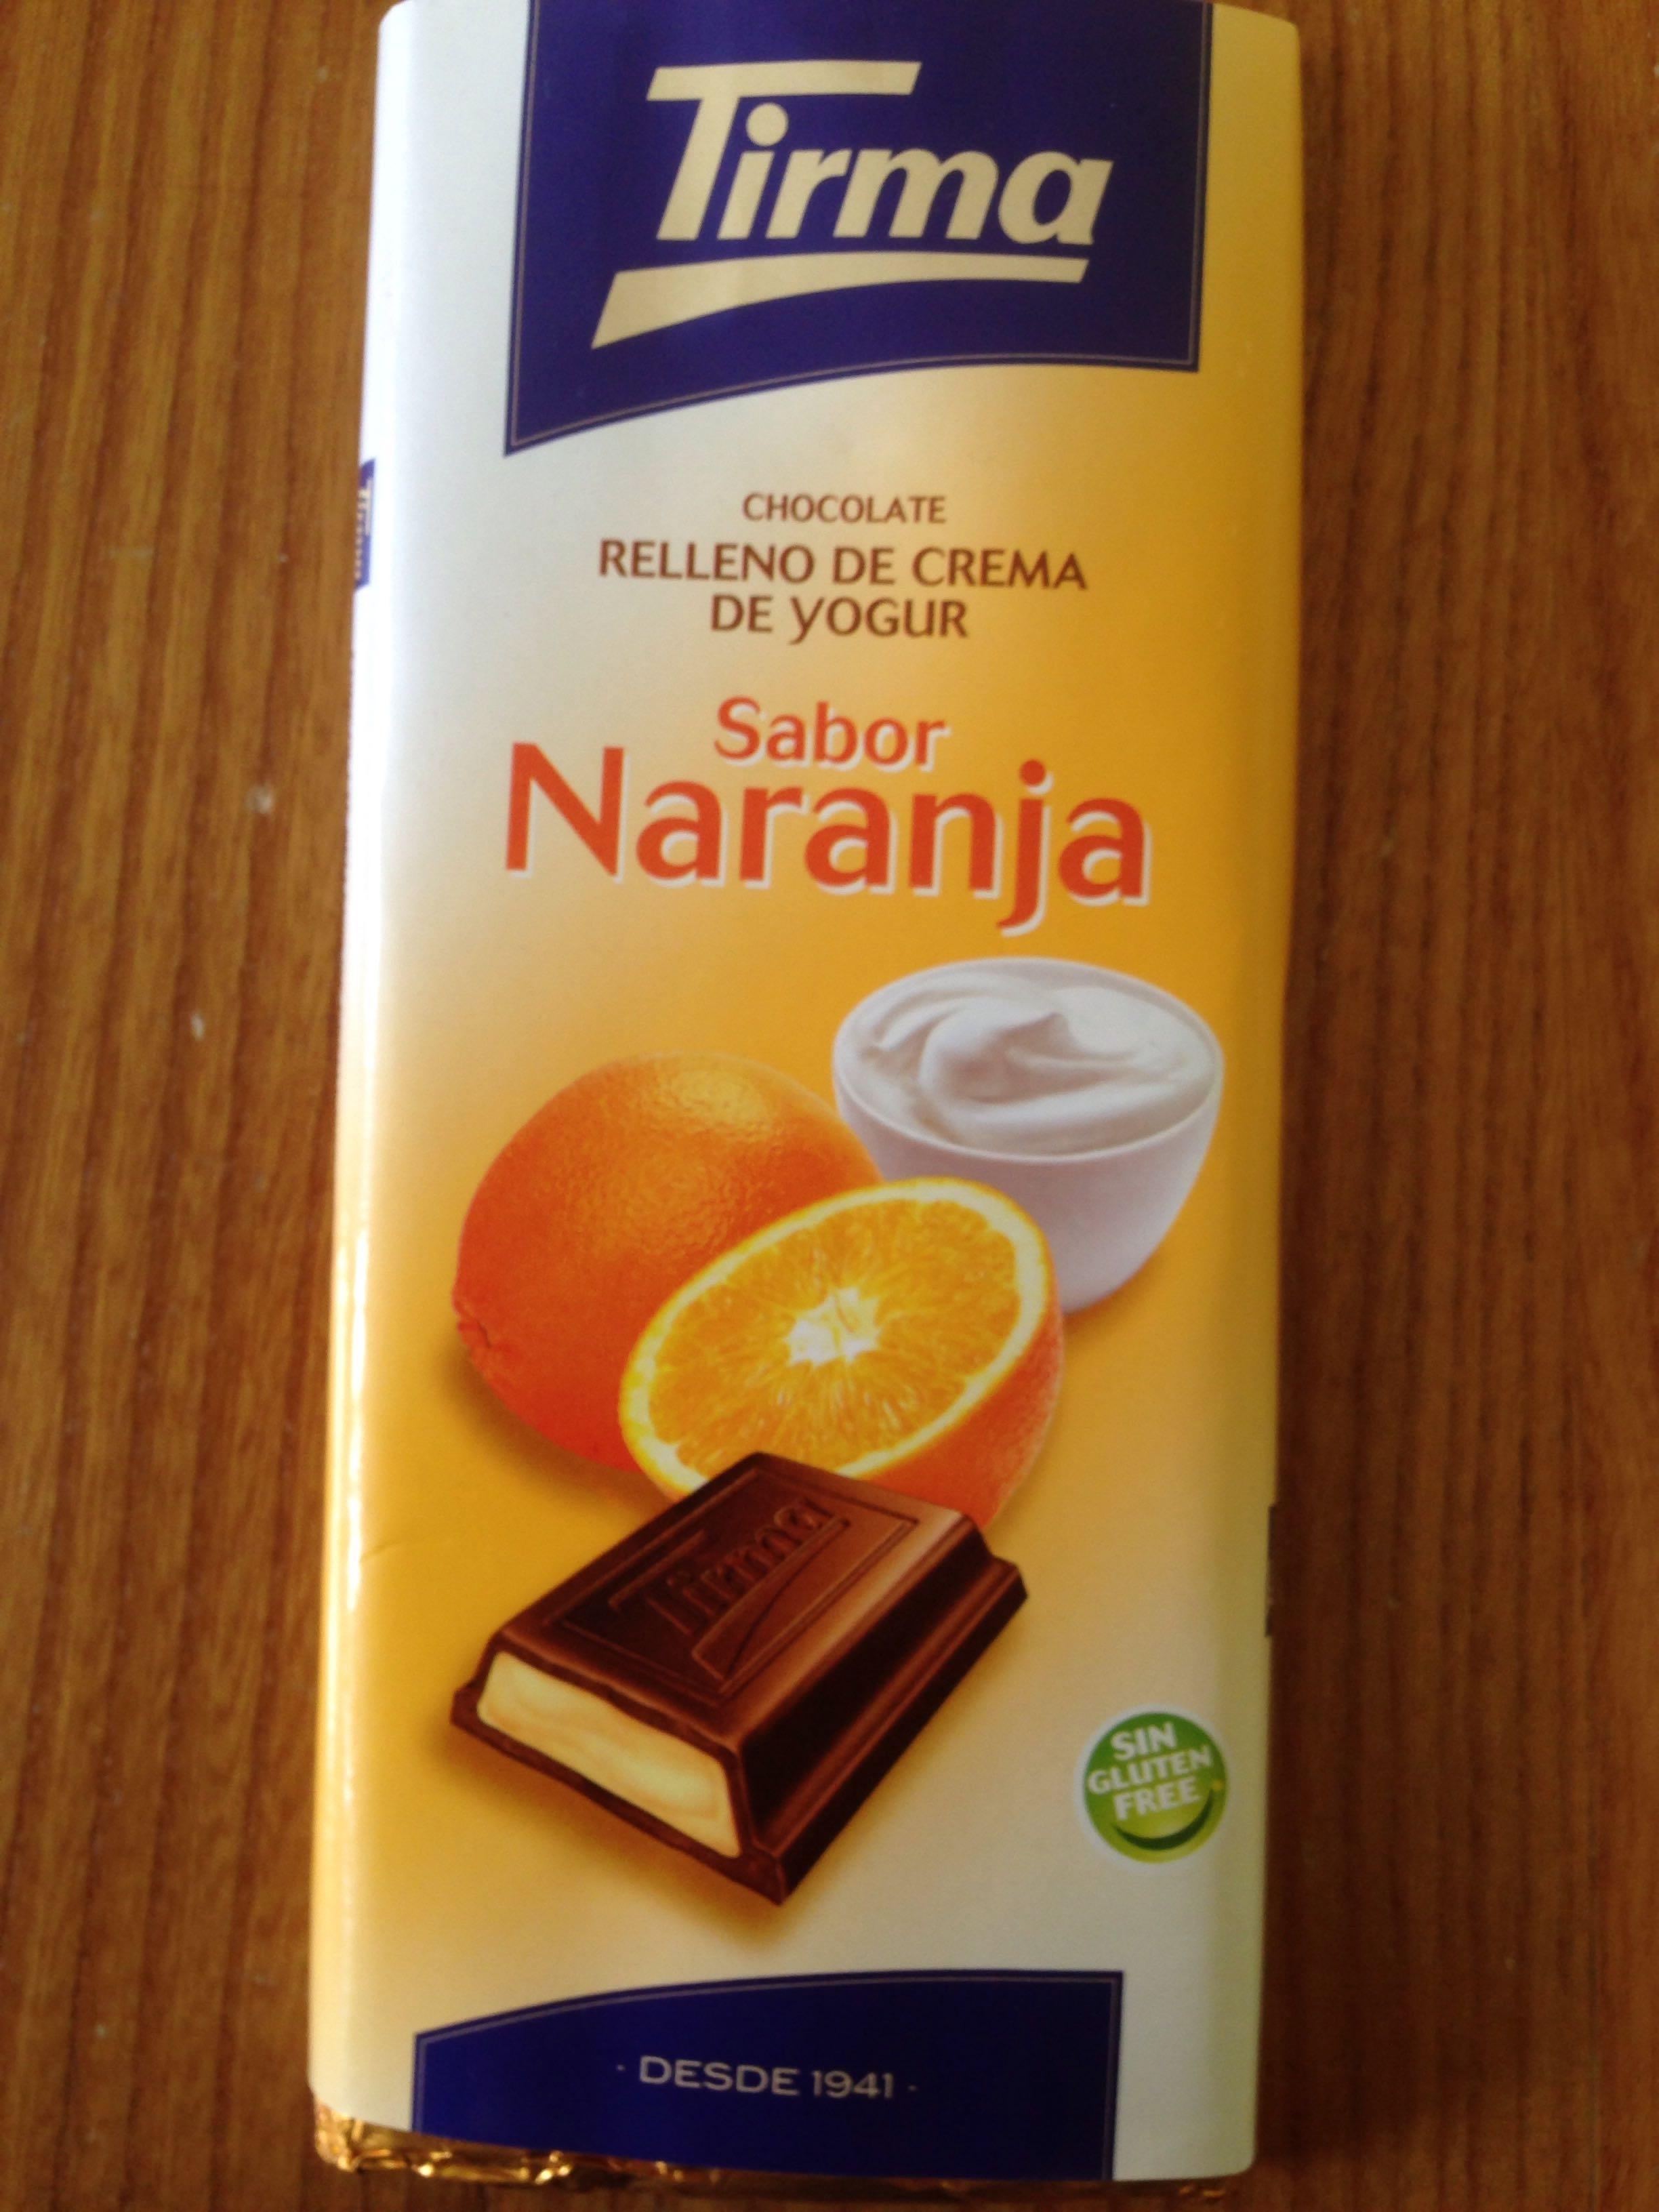 Chocolate Relleno de Crema de Yogur. Sabor Naranja - Producto